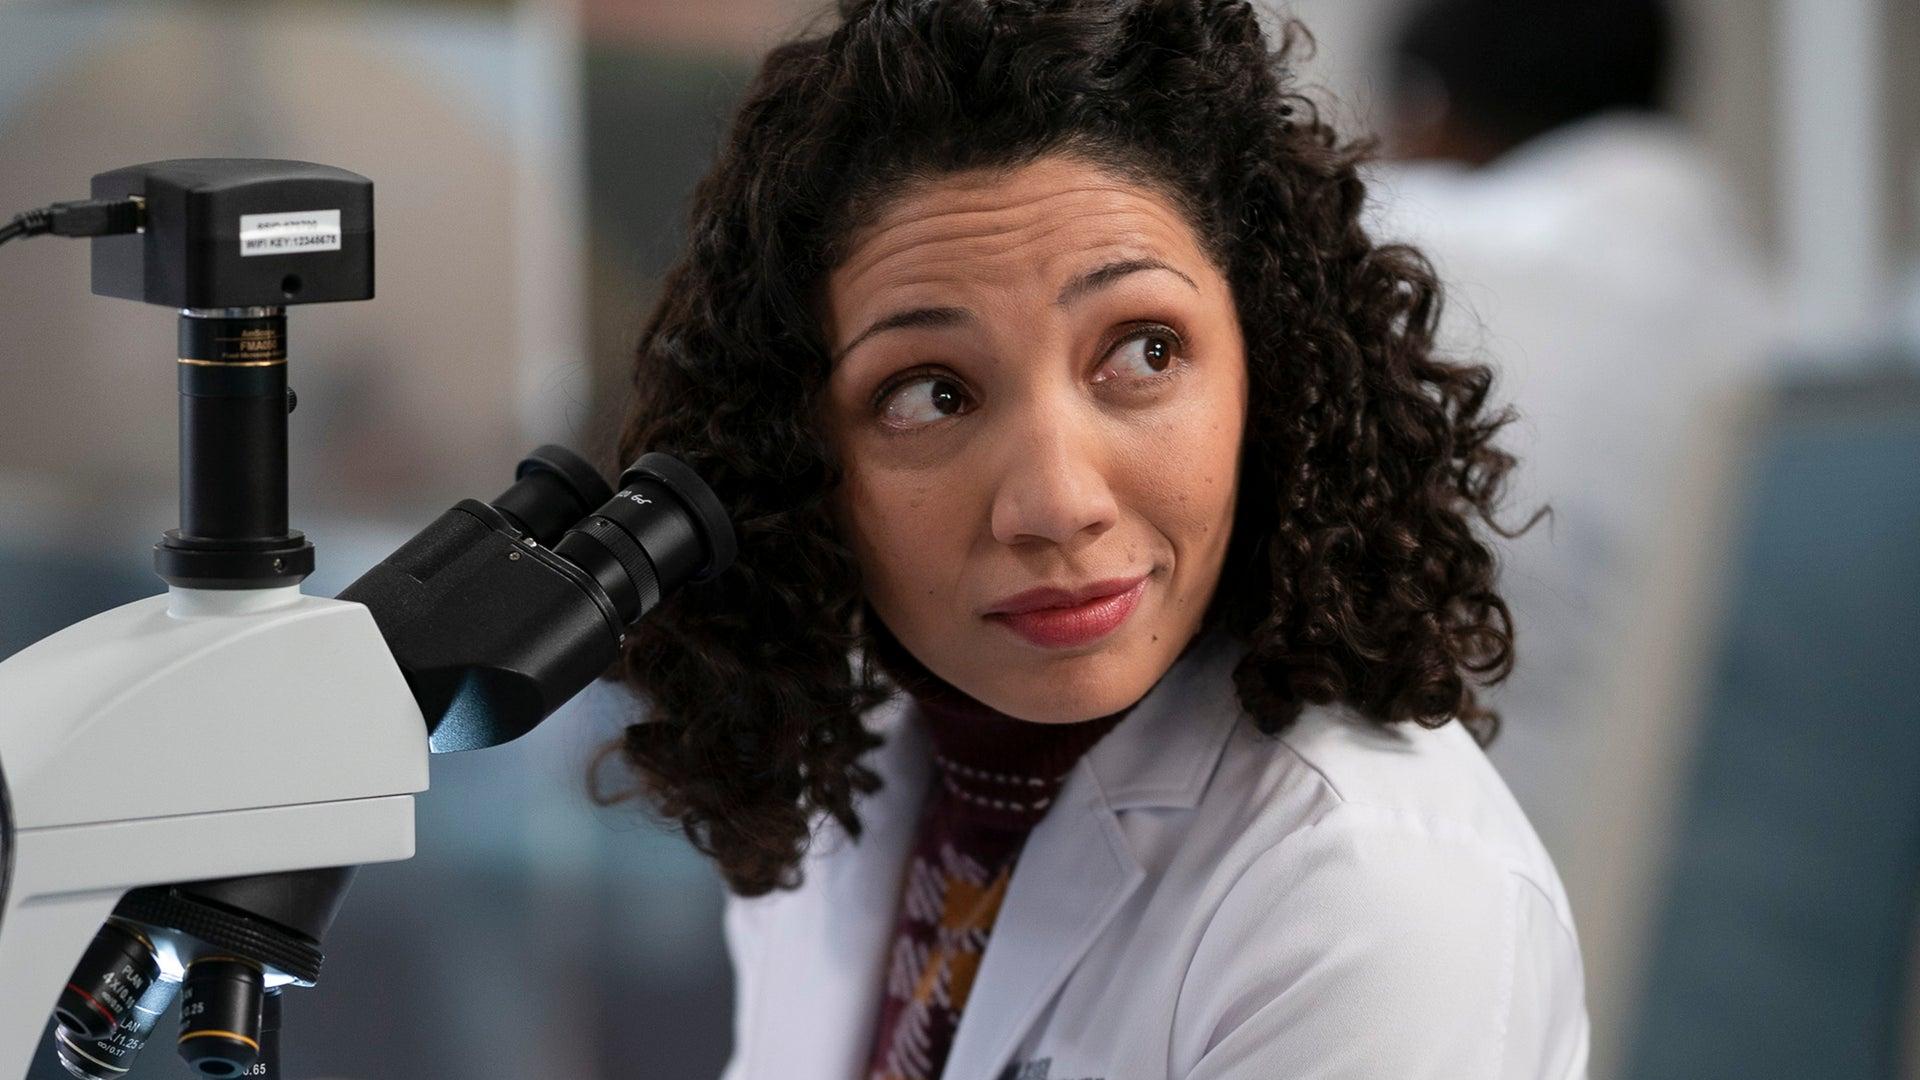 Jasika Nicole, The Good Doctor